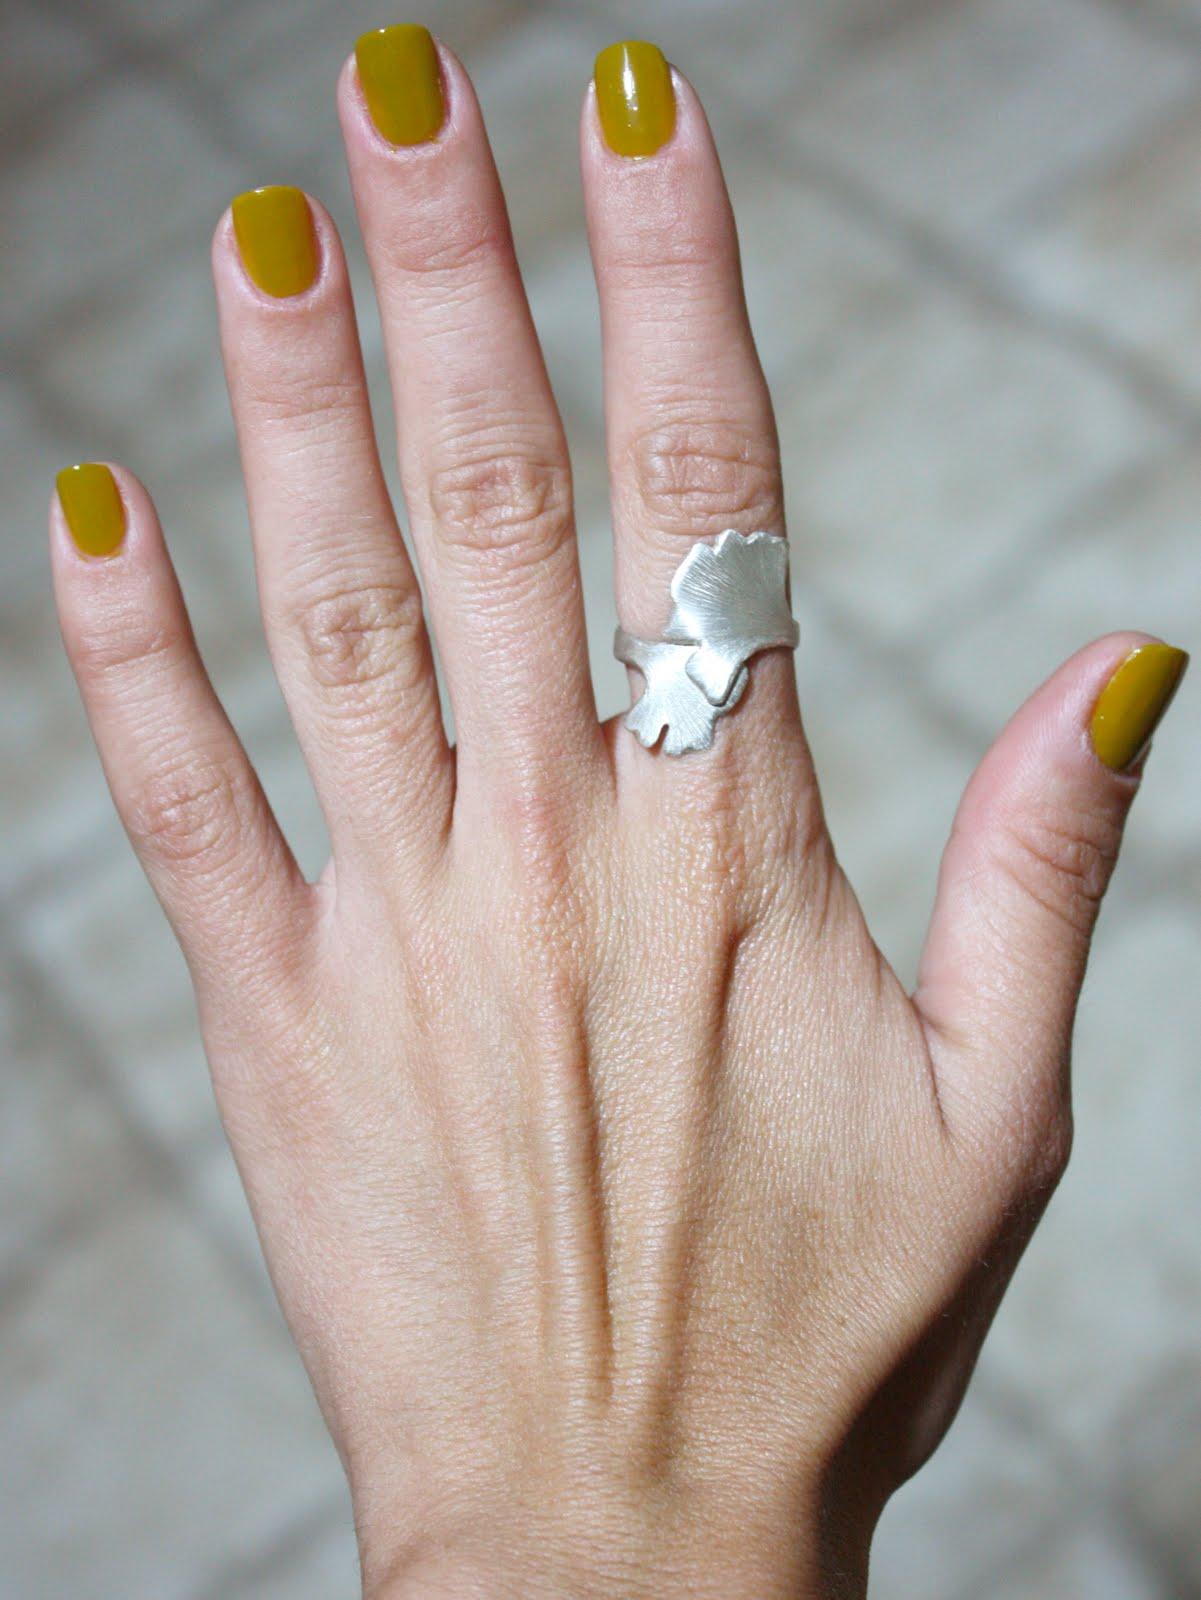 Dijon Mustard Nail Polish Combined With Pacci S Gingko Ring